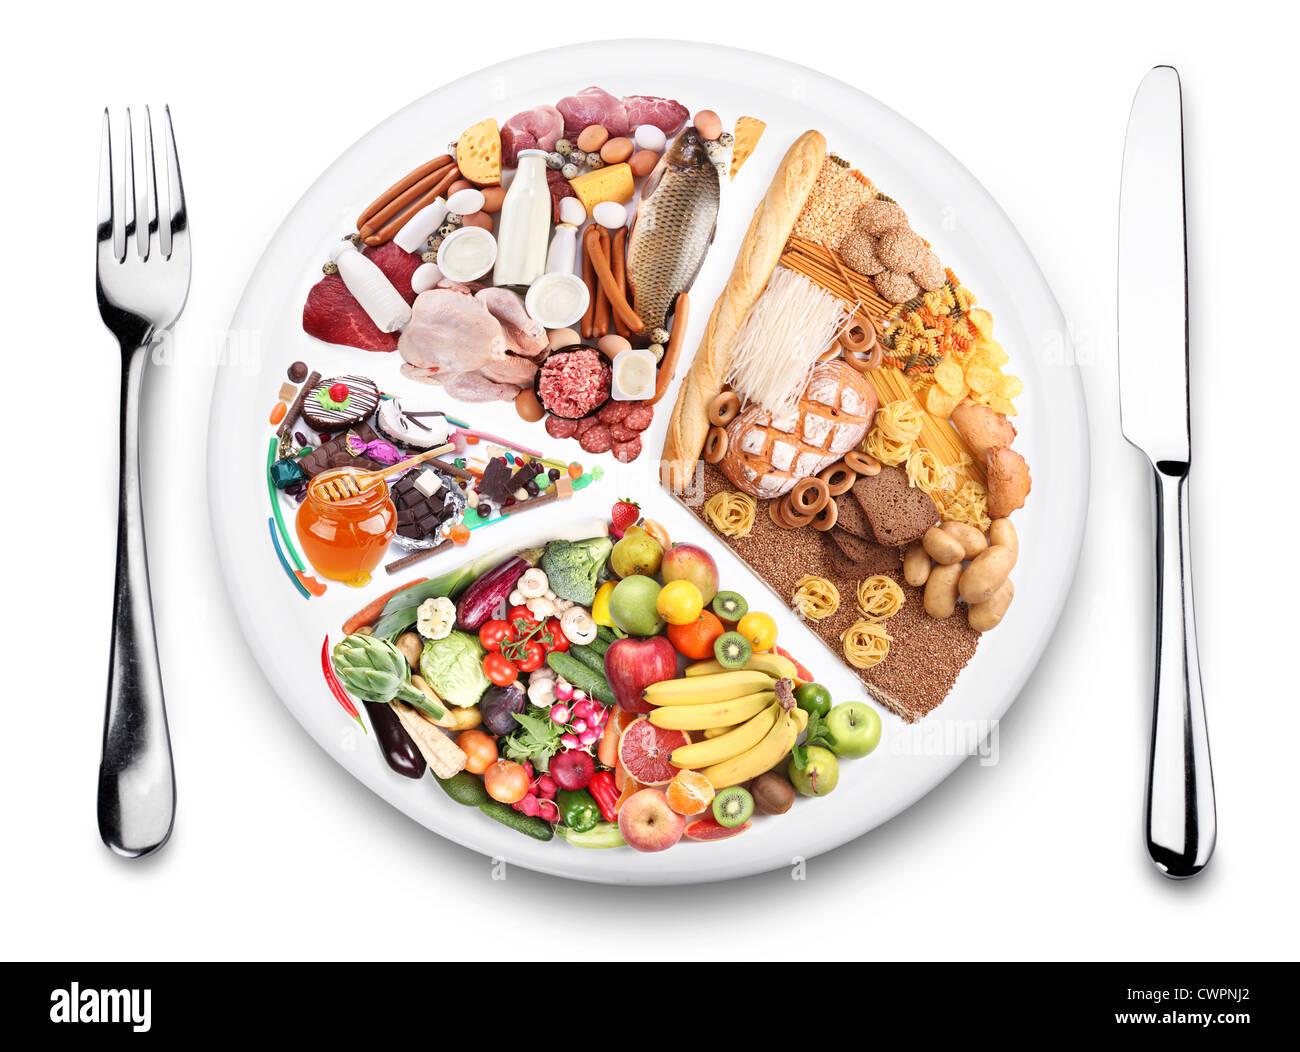 Productos de balance de alimentos en un plato. Fondo blanco Imagen De Stock